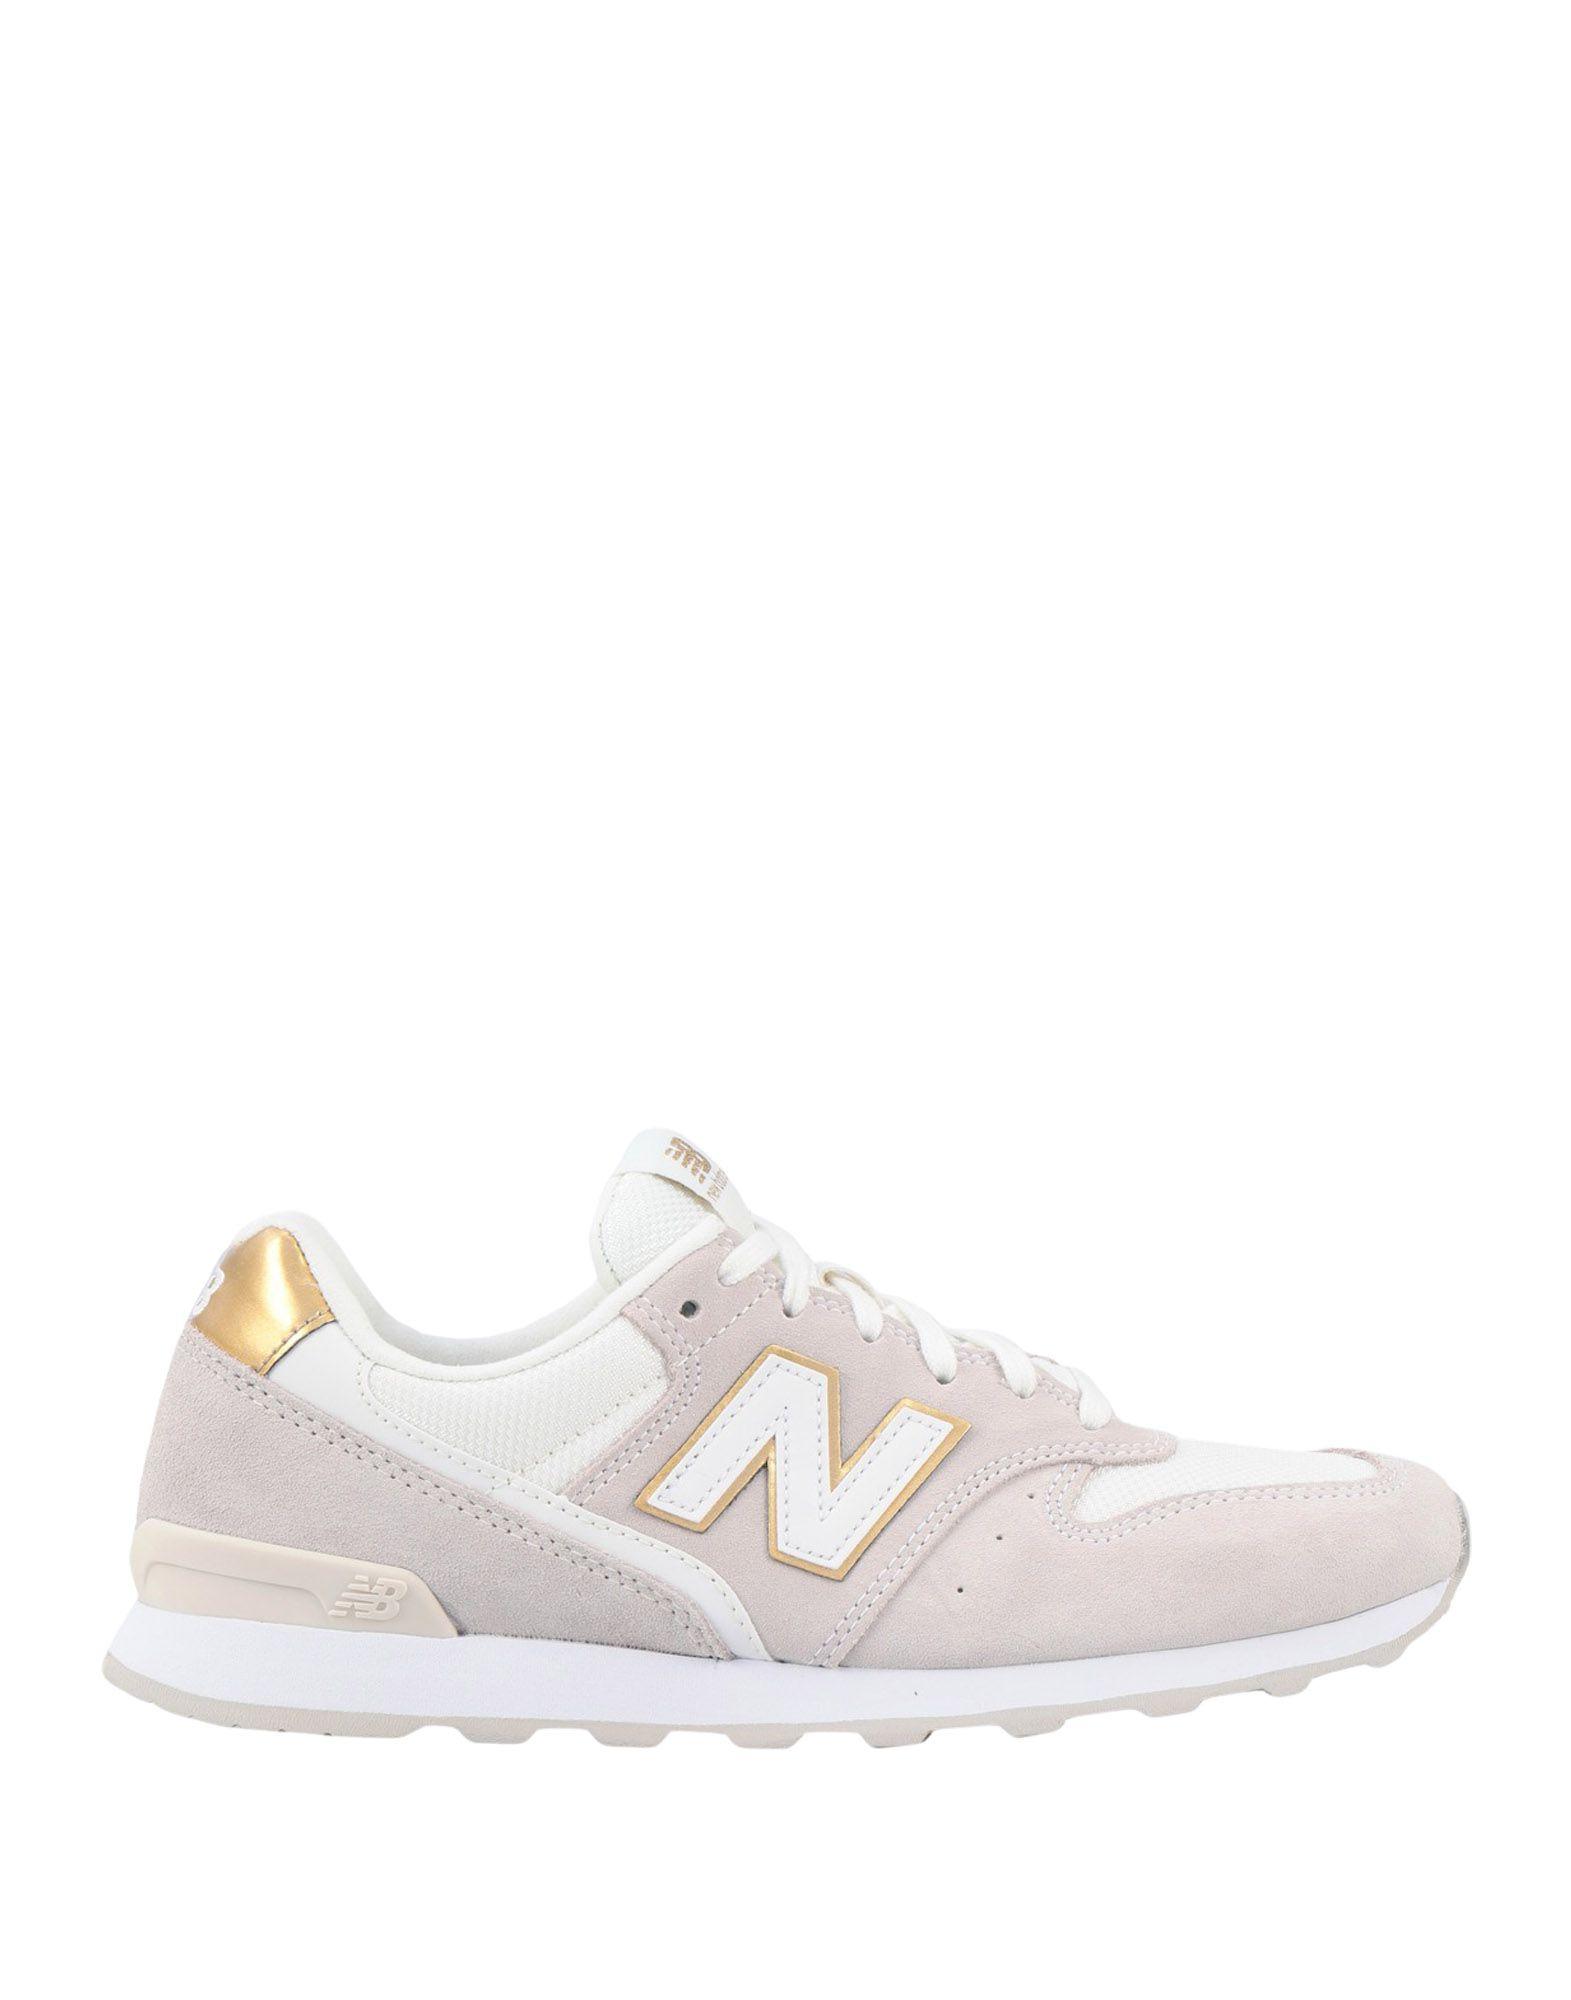 NEW BALANCE Низкие кеды и кроссовки new balance 996